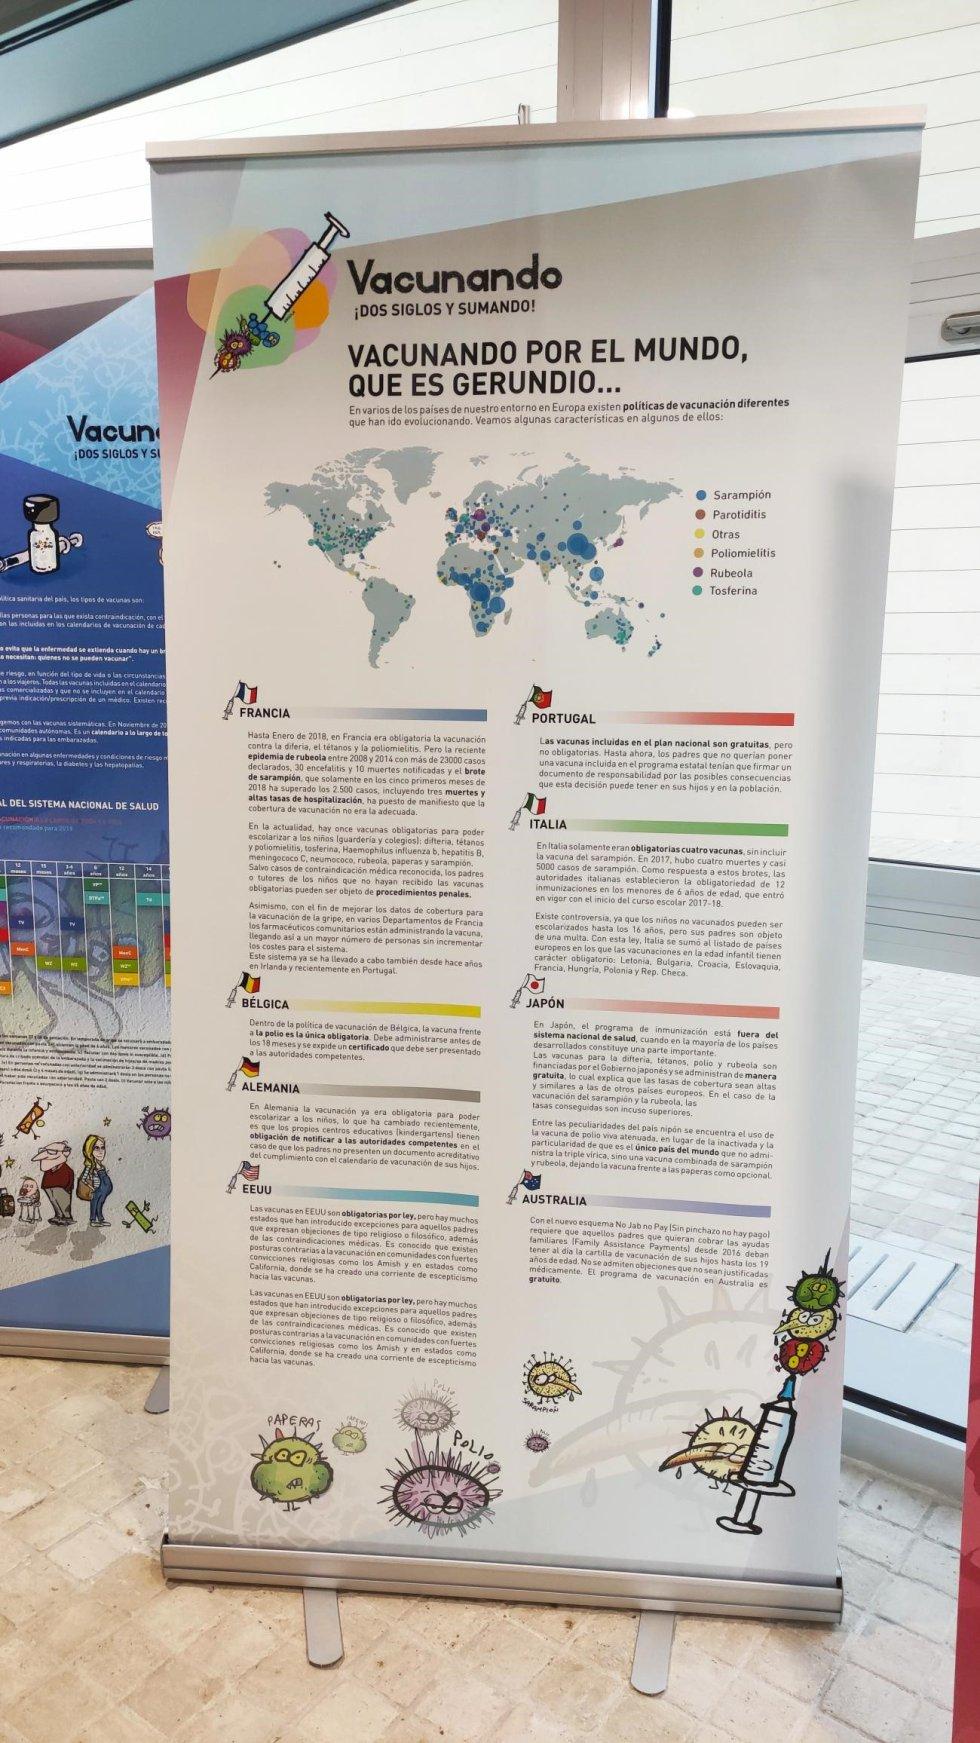 La exposición trata temas como bulos, dudas o el calendario de vacunación de nuestro país